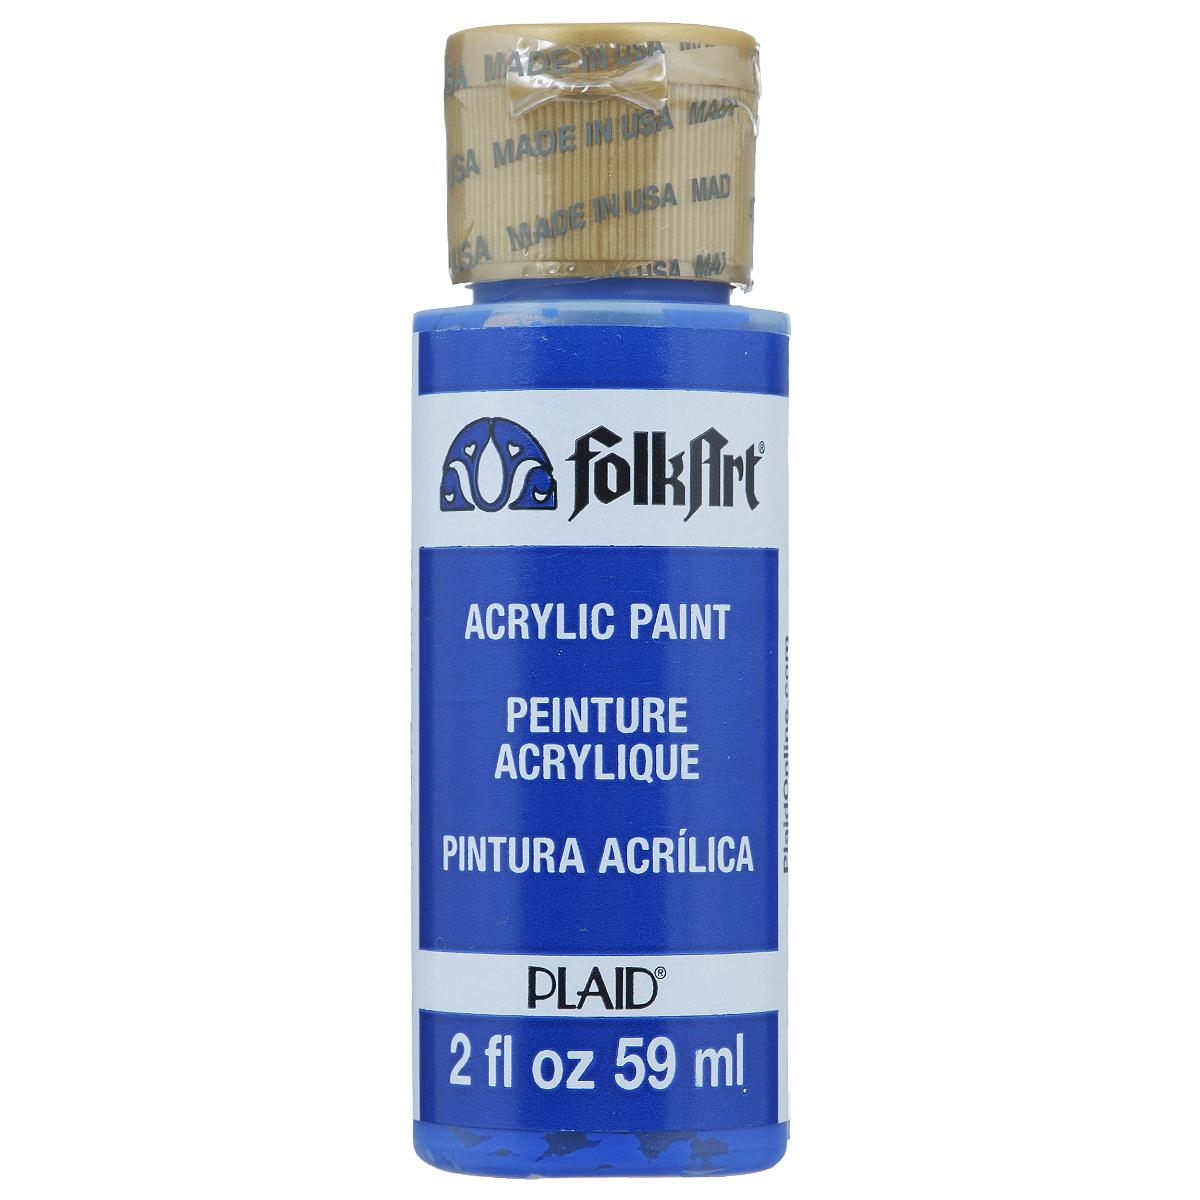 Акриловая краска FolkArt, цвет: синий кобальт, 59 млPLD-00720Акриловая краска FolkArt выполнена на водной основе и предназначена для рисования на пористых поверхностях. Краска устойчива к погодным и ультрафиолетовым воздействиям. Не нуждается в дополнительном покрытии герметиком. После высыхания имеет глянцевый вид. Изделия покрытые краской FolkArt, прекрасно дополнят ваш интерьер. Объем: 59 мл.